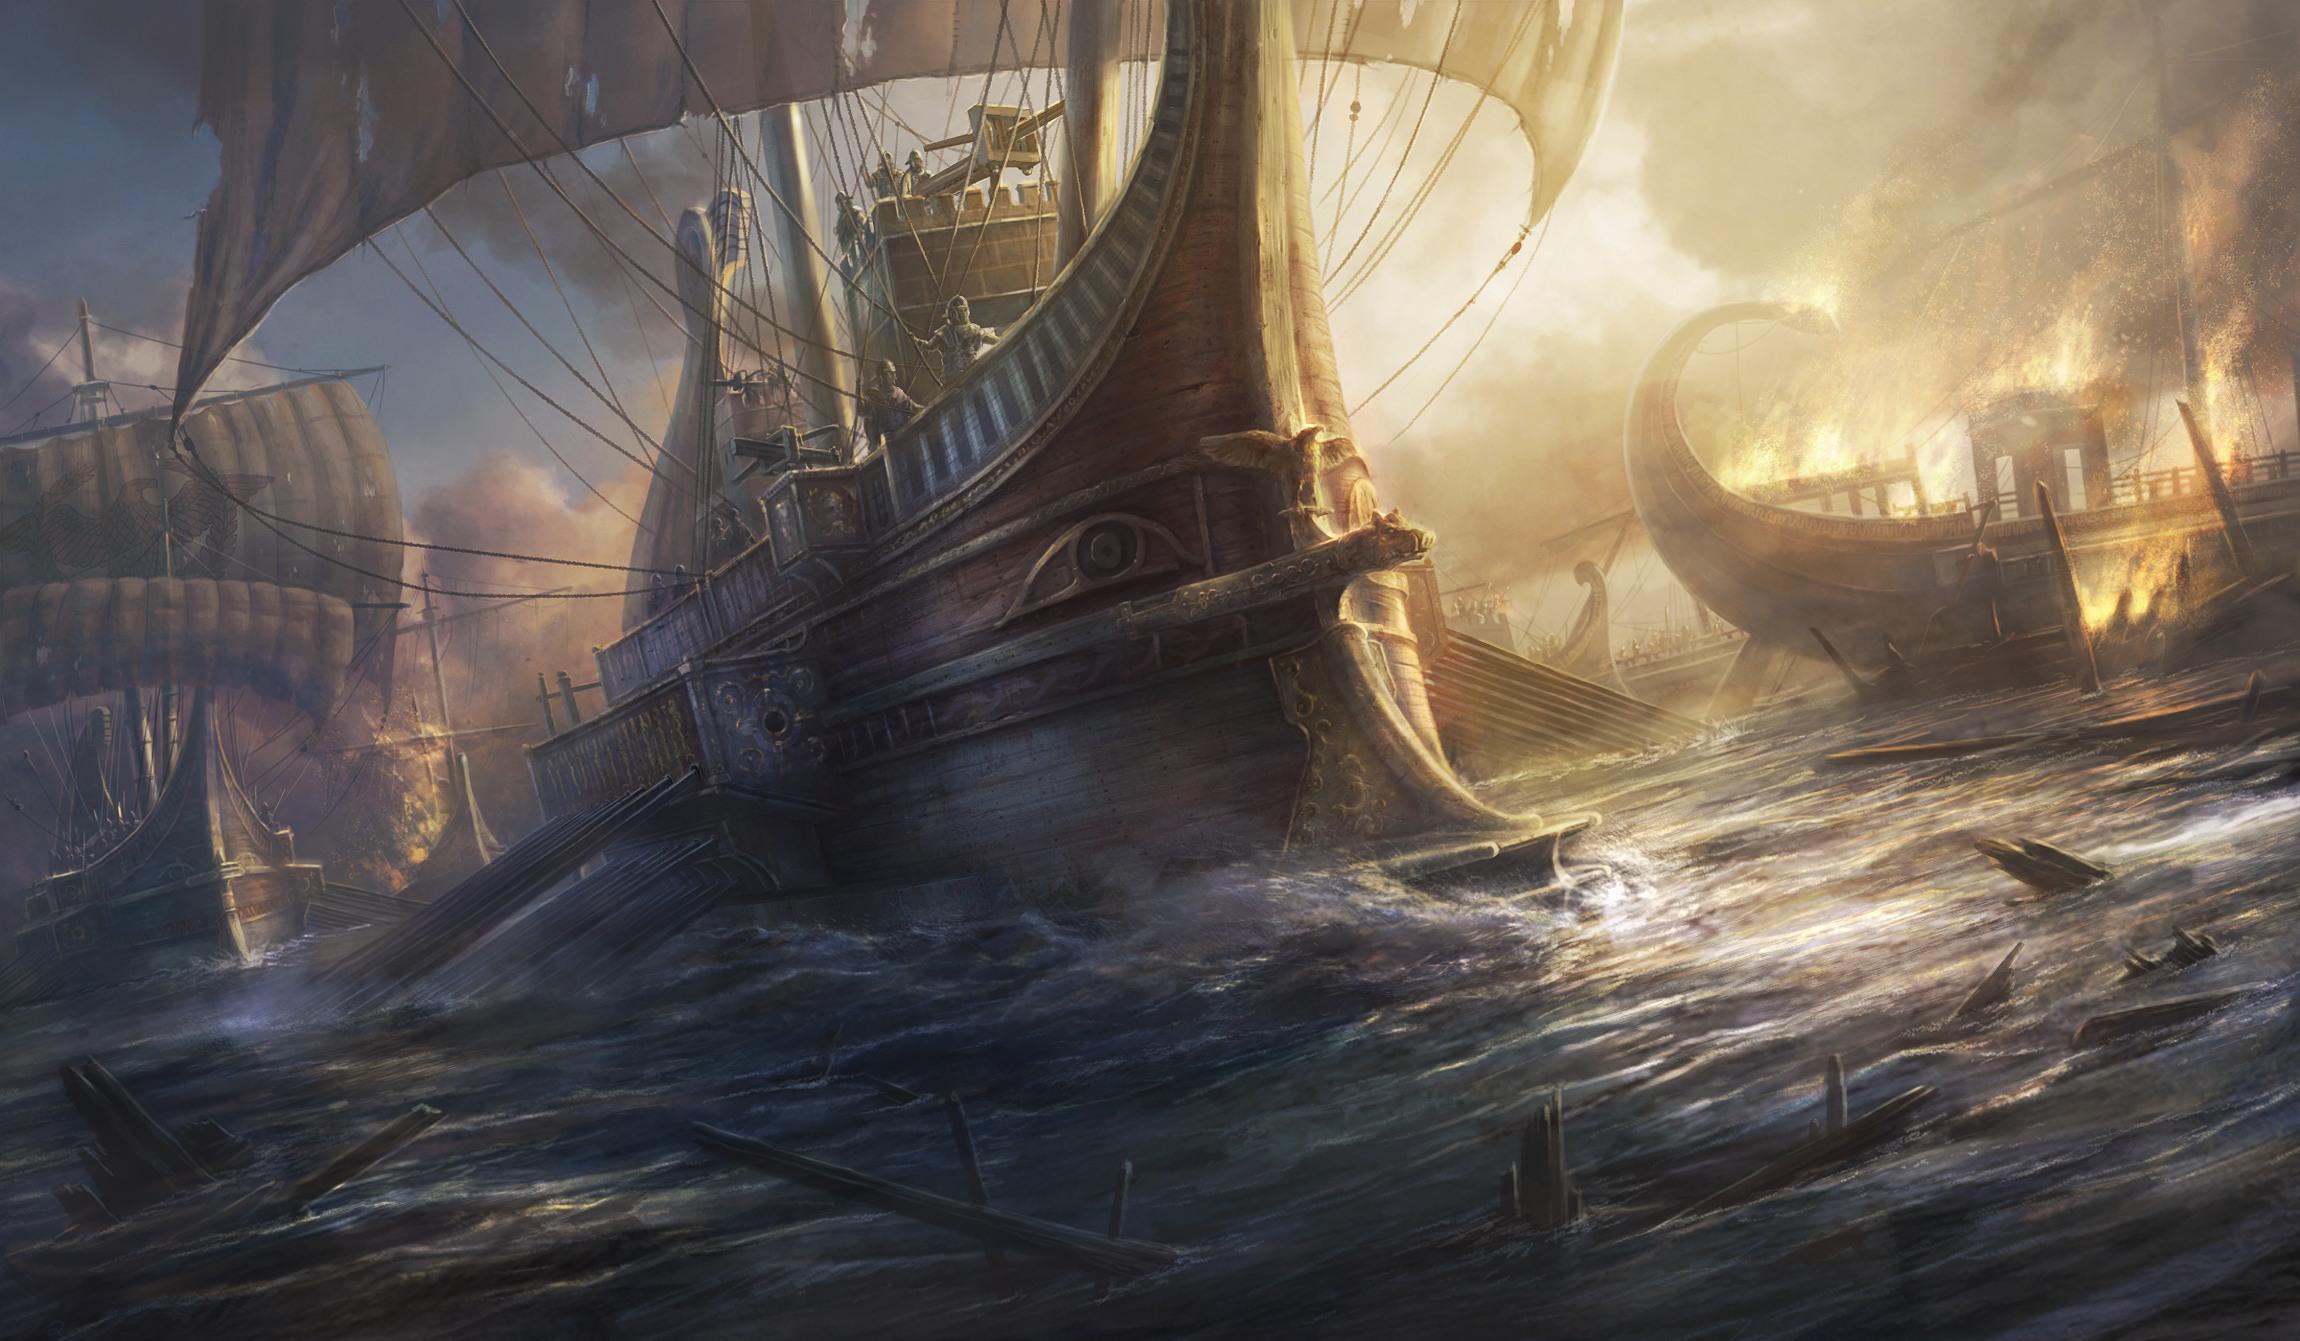 rome  sea battle concept image le fancy wallpapers